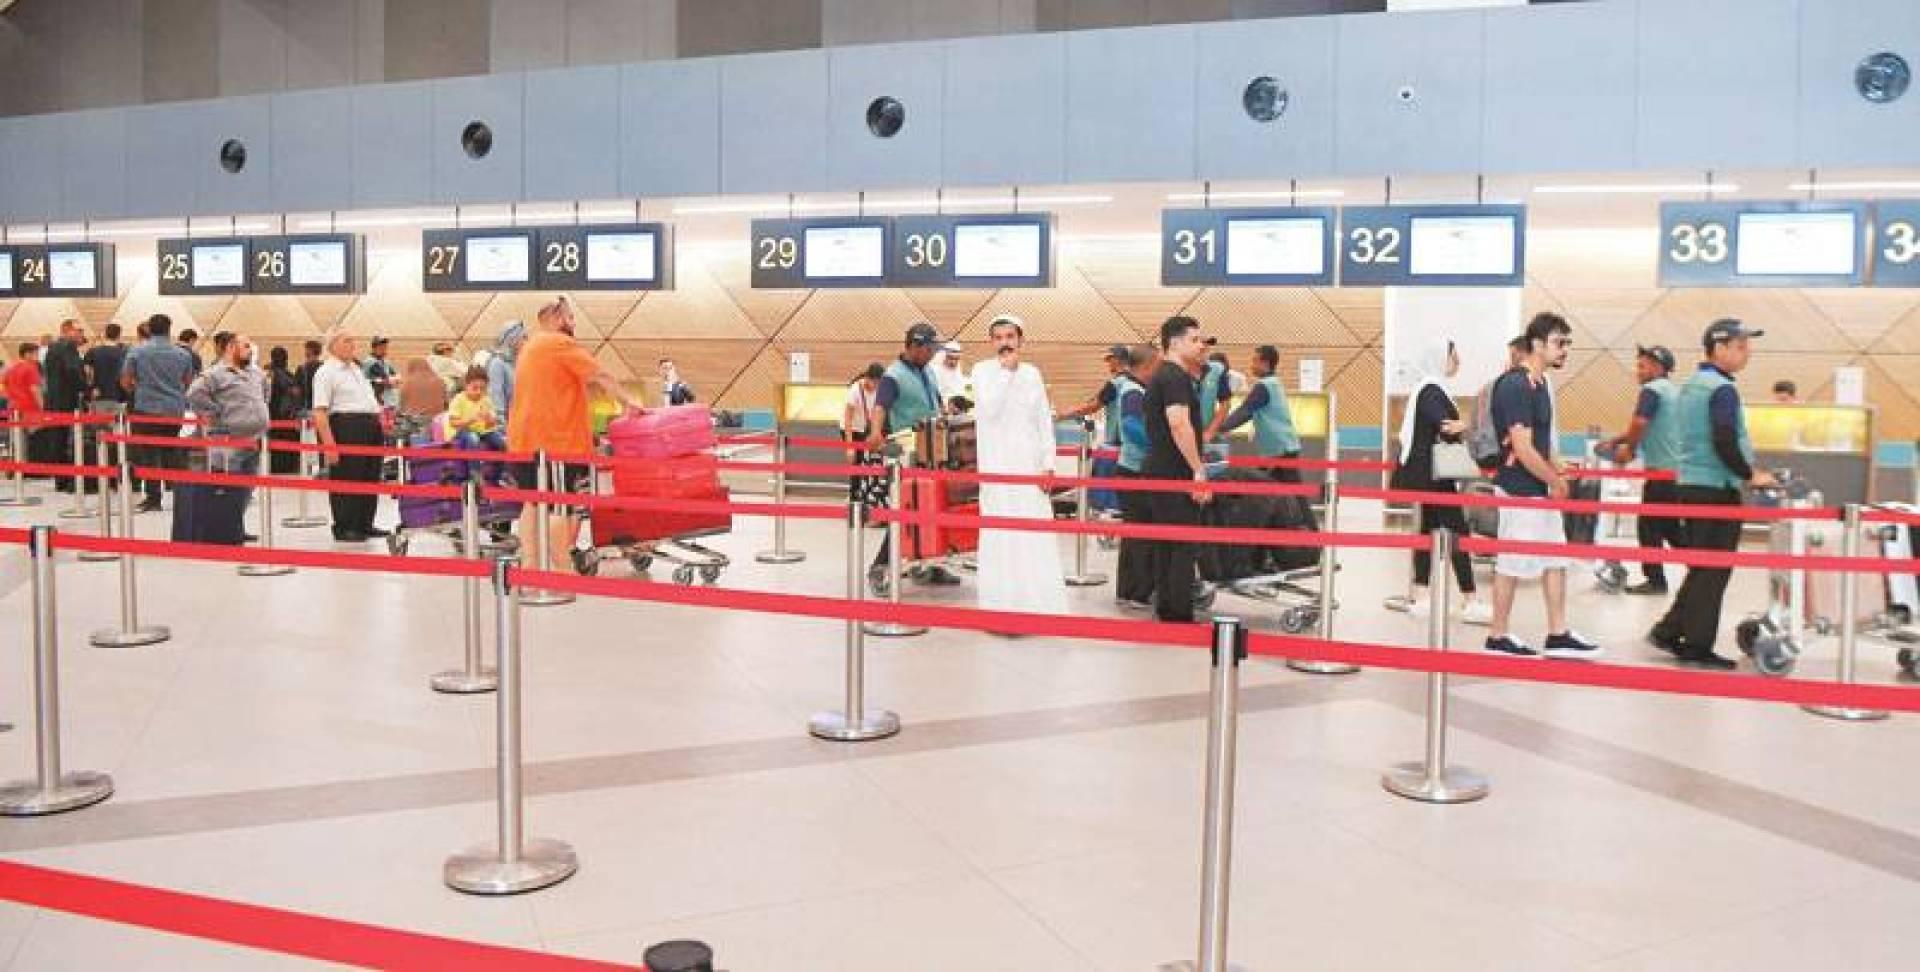 مواطنون ومقيمون ينتظرون بدء موسم السفر بفارغ الصبر